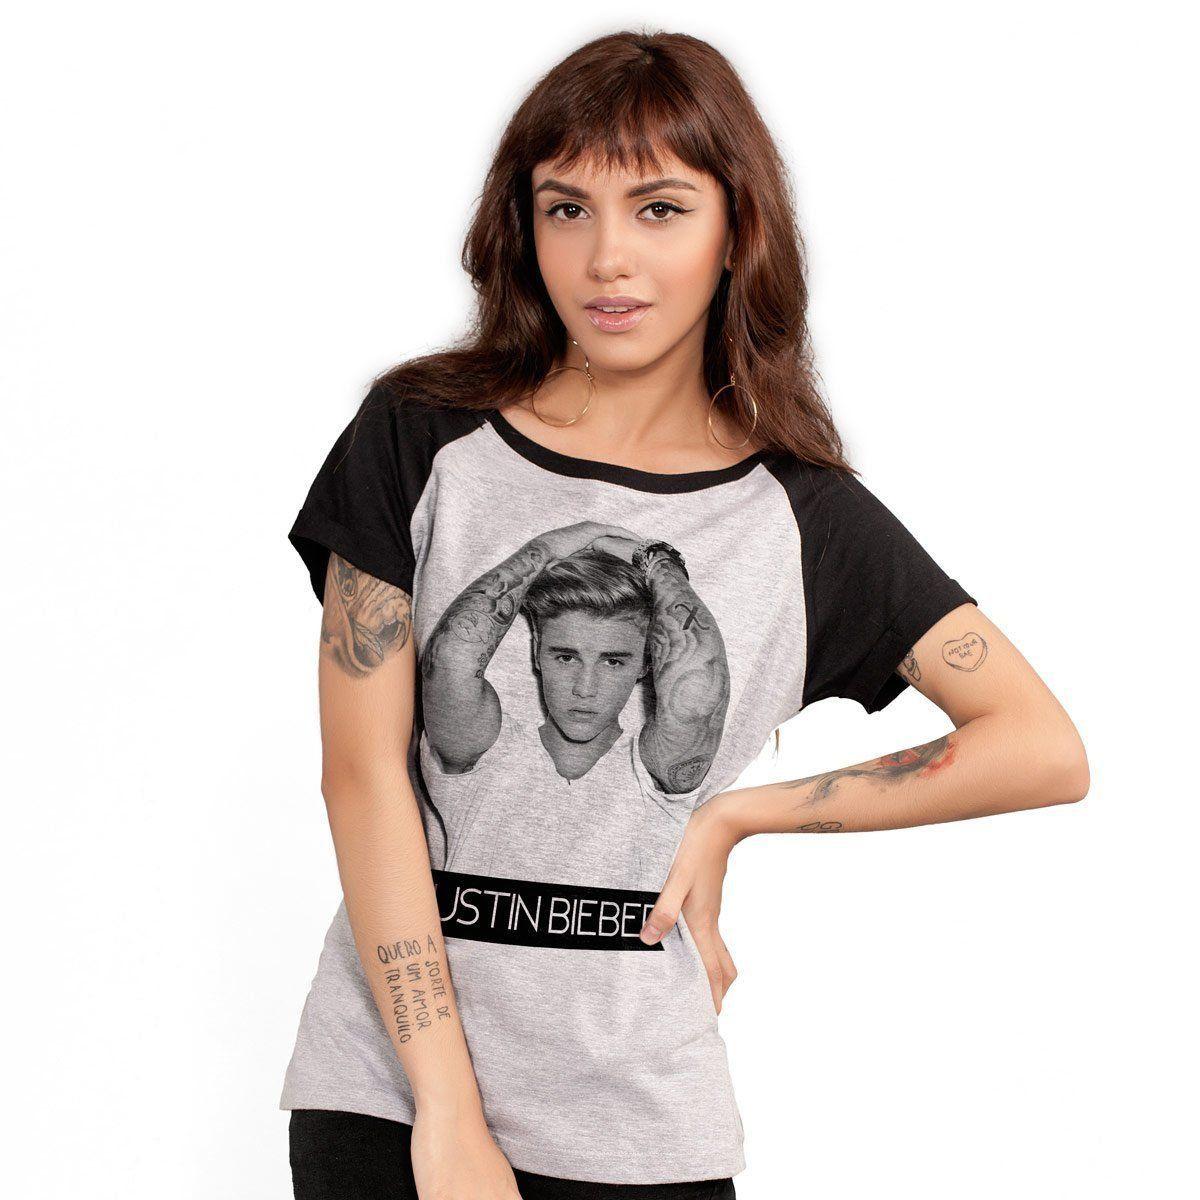 Camiseta Raglan Feminina Justin Bieber Purpose B&W Oficial  - bandUP Store Marketplace